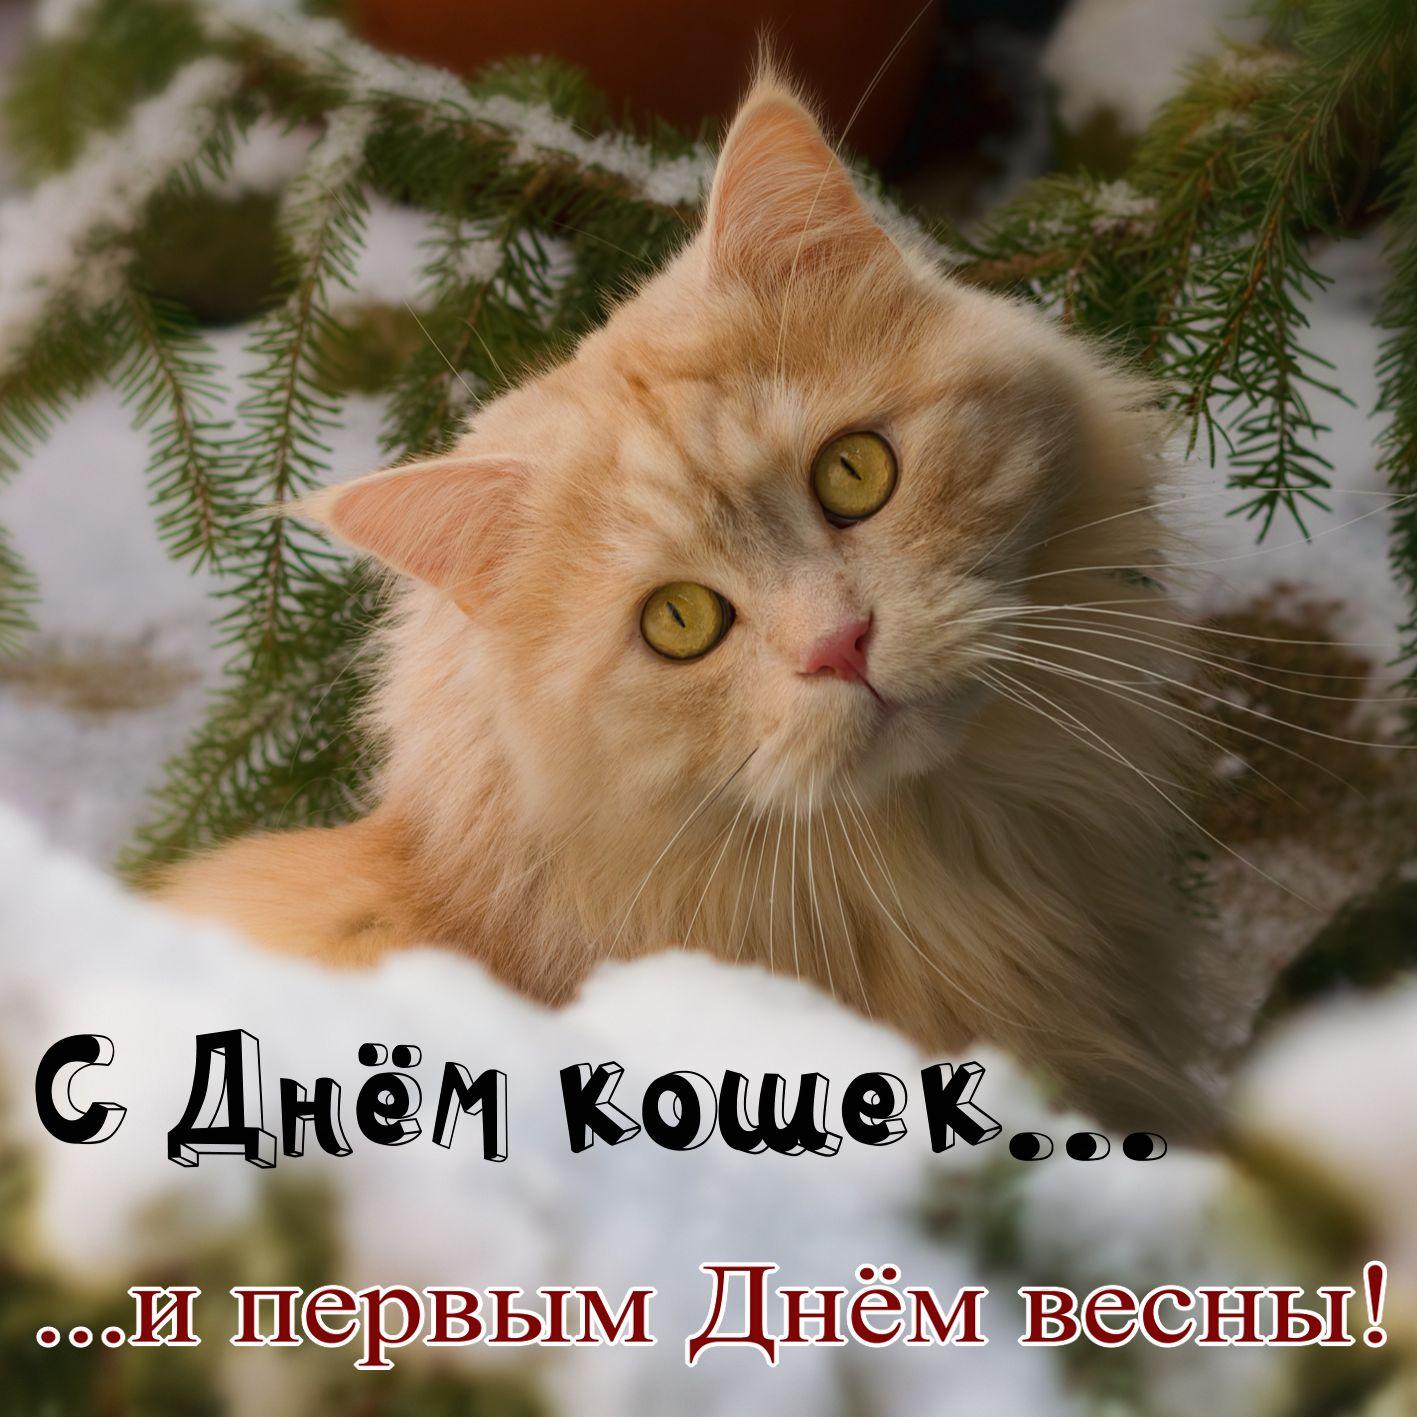 Рыжая кошечка на снегу на первый День весны и День кошек